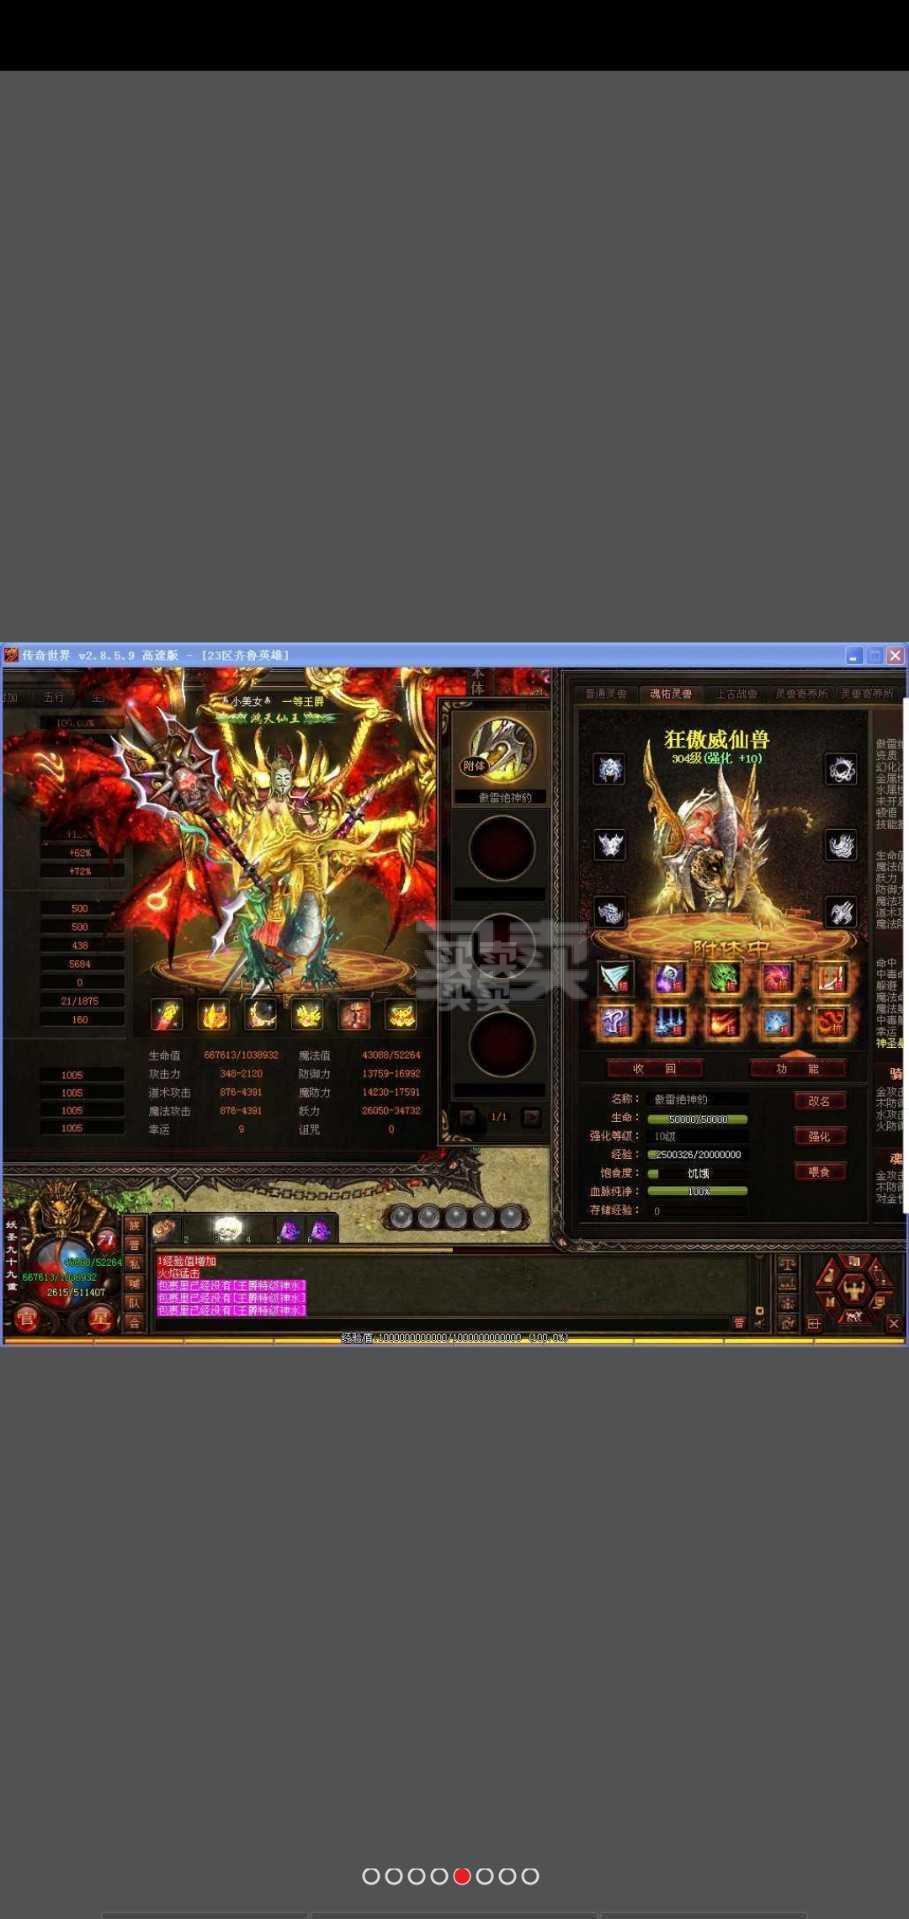 传奇世界-账号-[妖士上仙99重]曾经的天下第一女妖原力攻击专家勉伤高级上古红麒麟